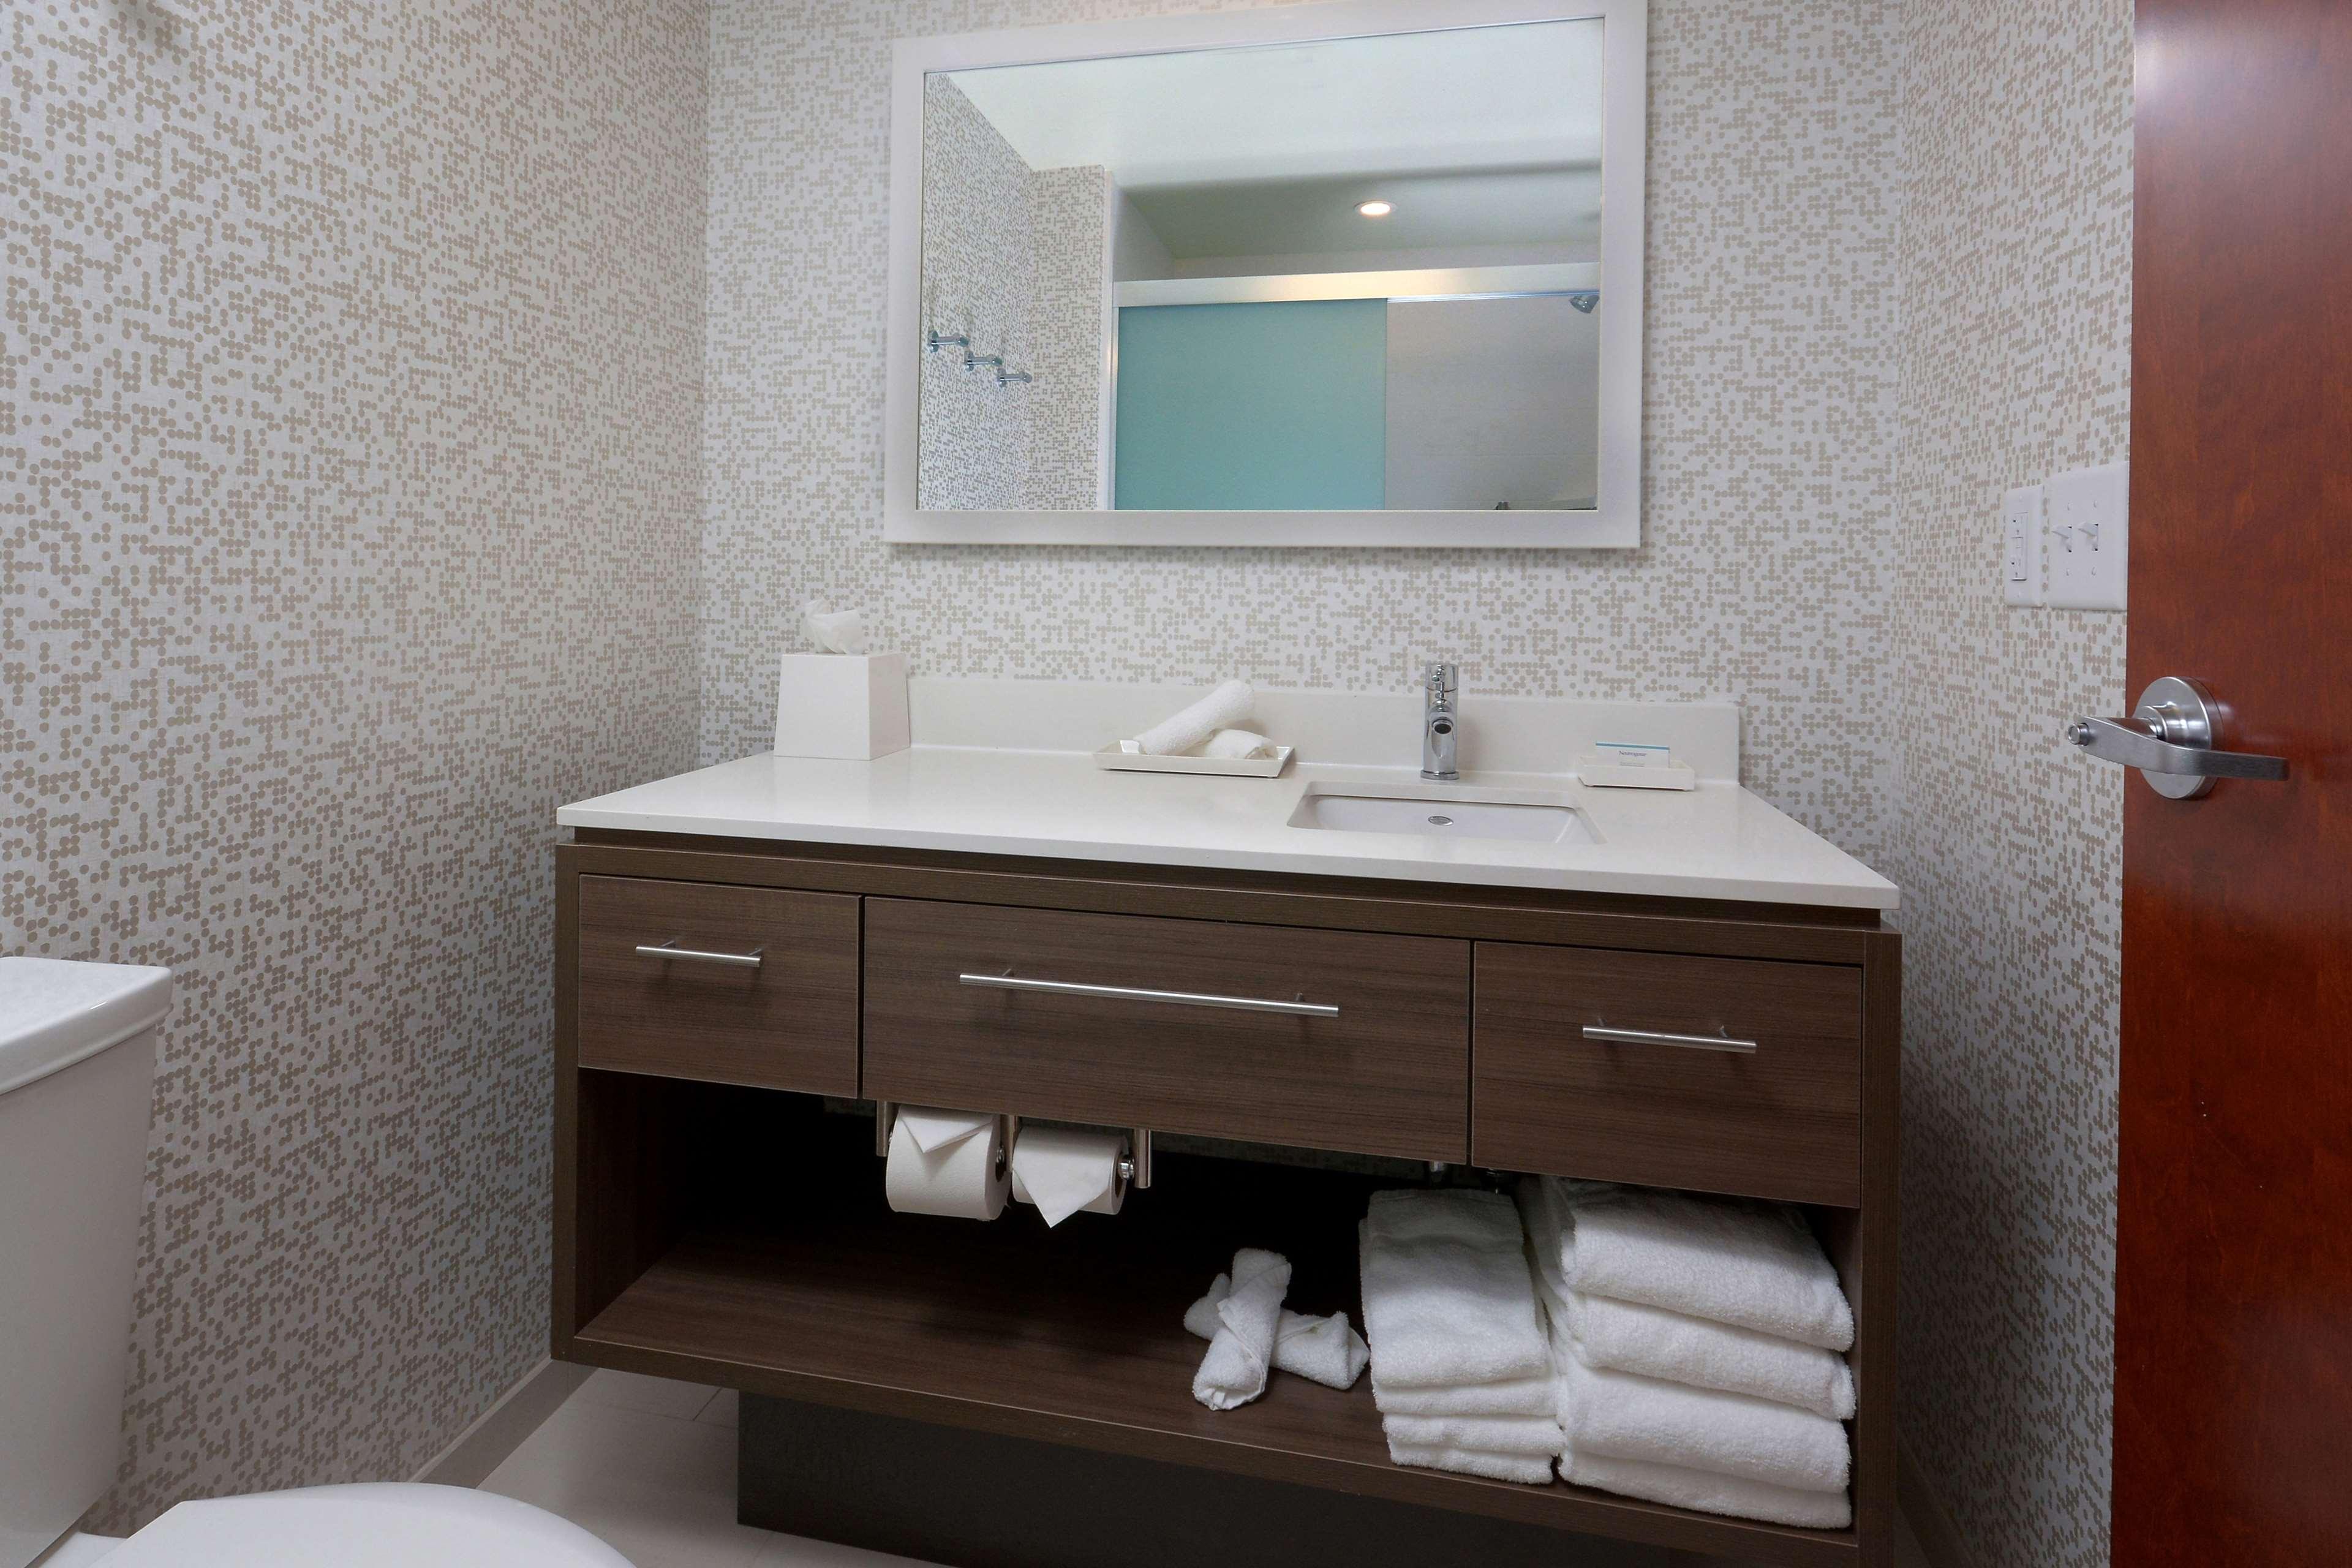 Home2 Suites by Hilton Duncan image 28